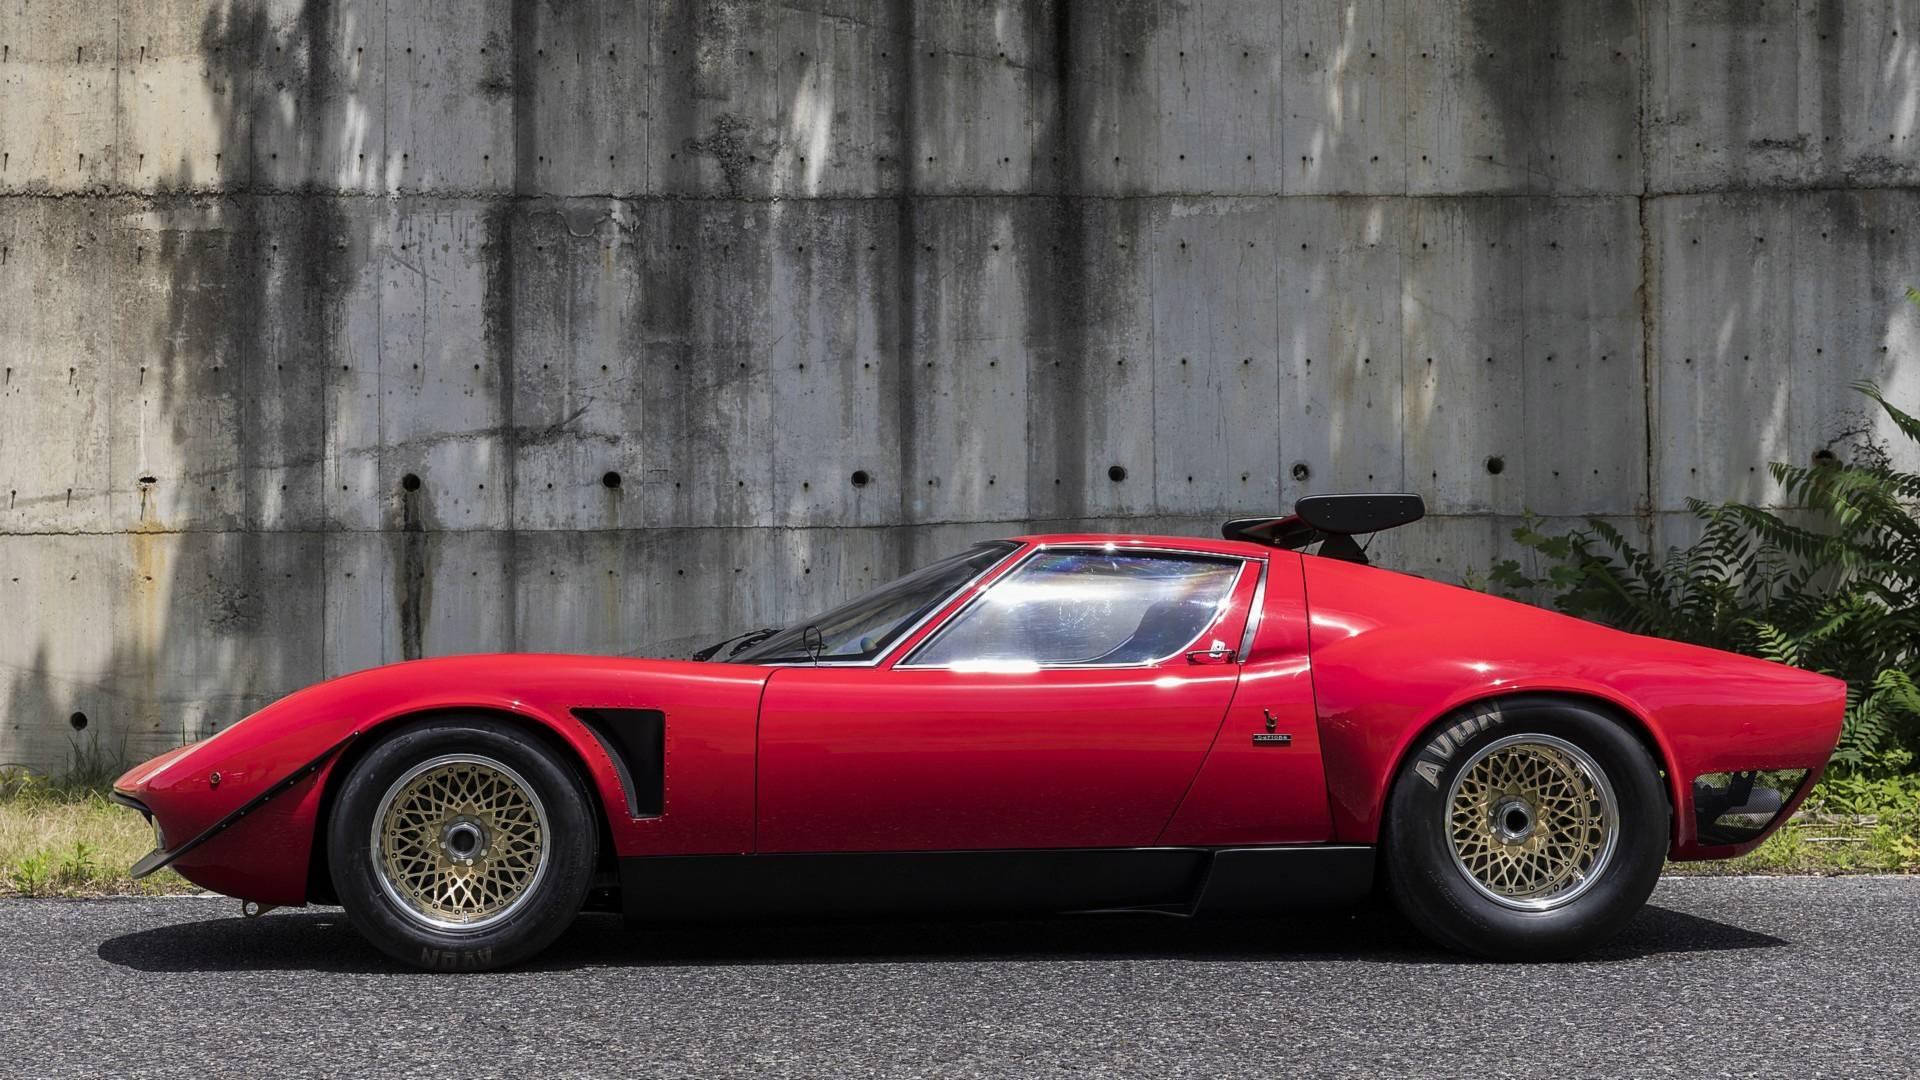 1968 Lamborghini Miura Svr Restored To Perfection By Polo Storico